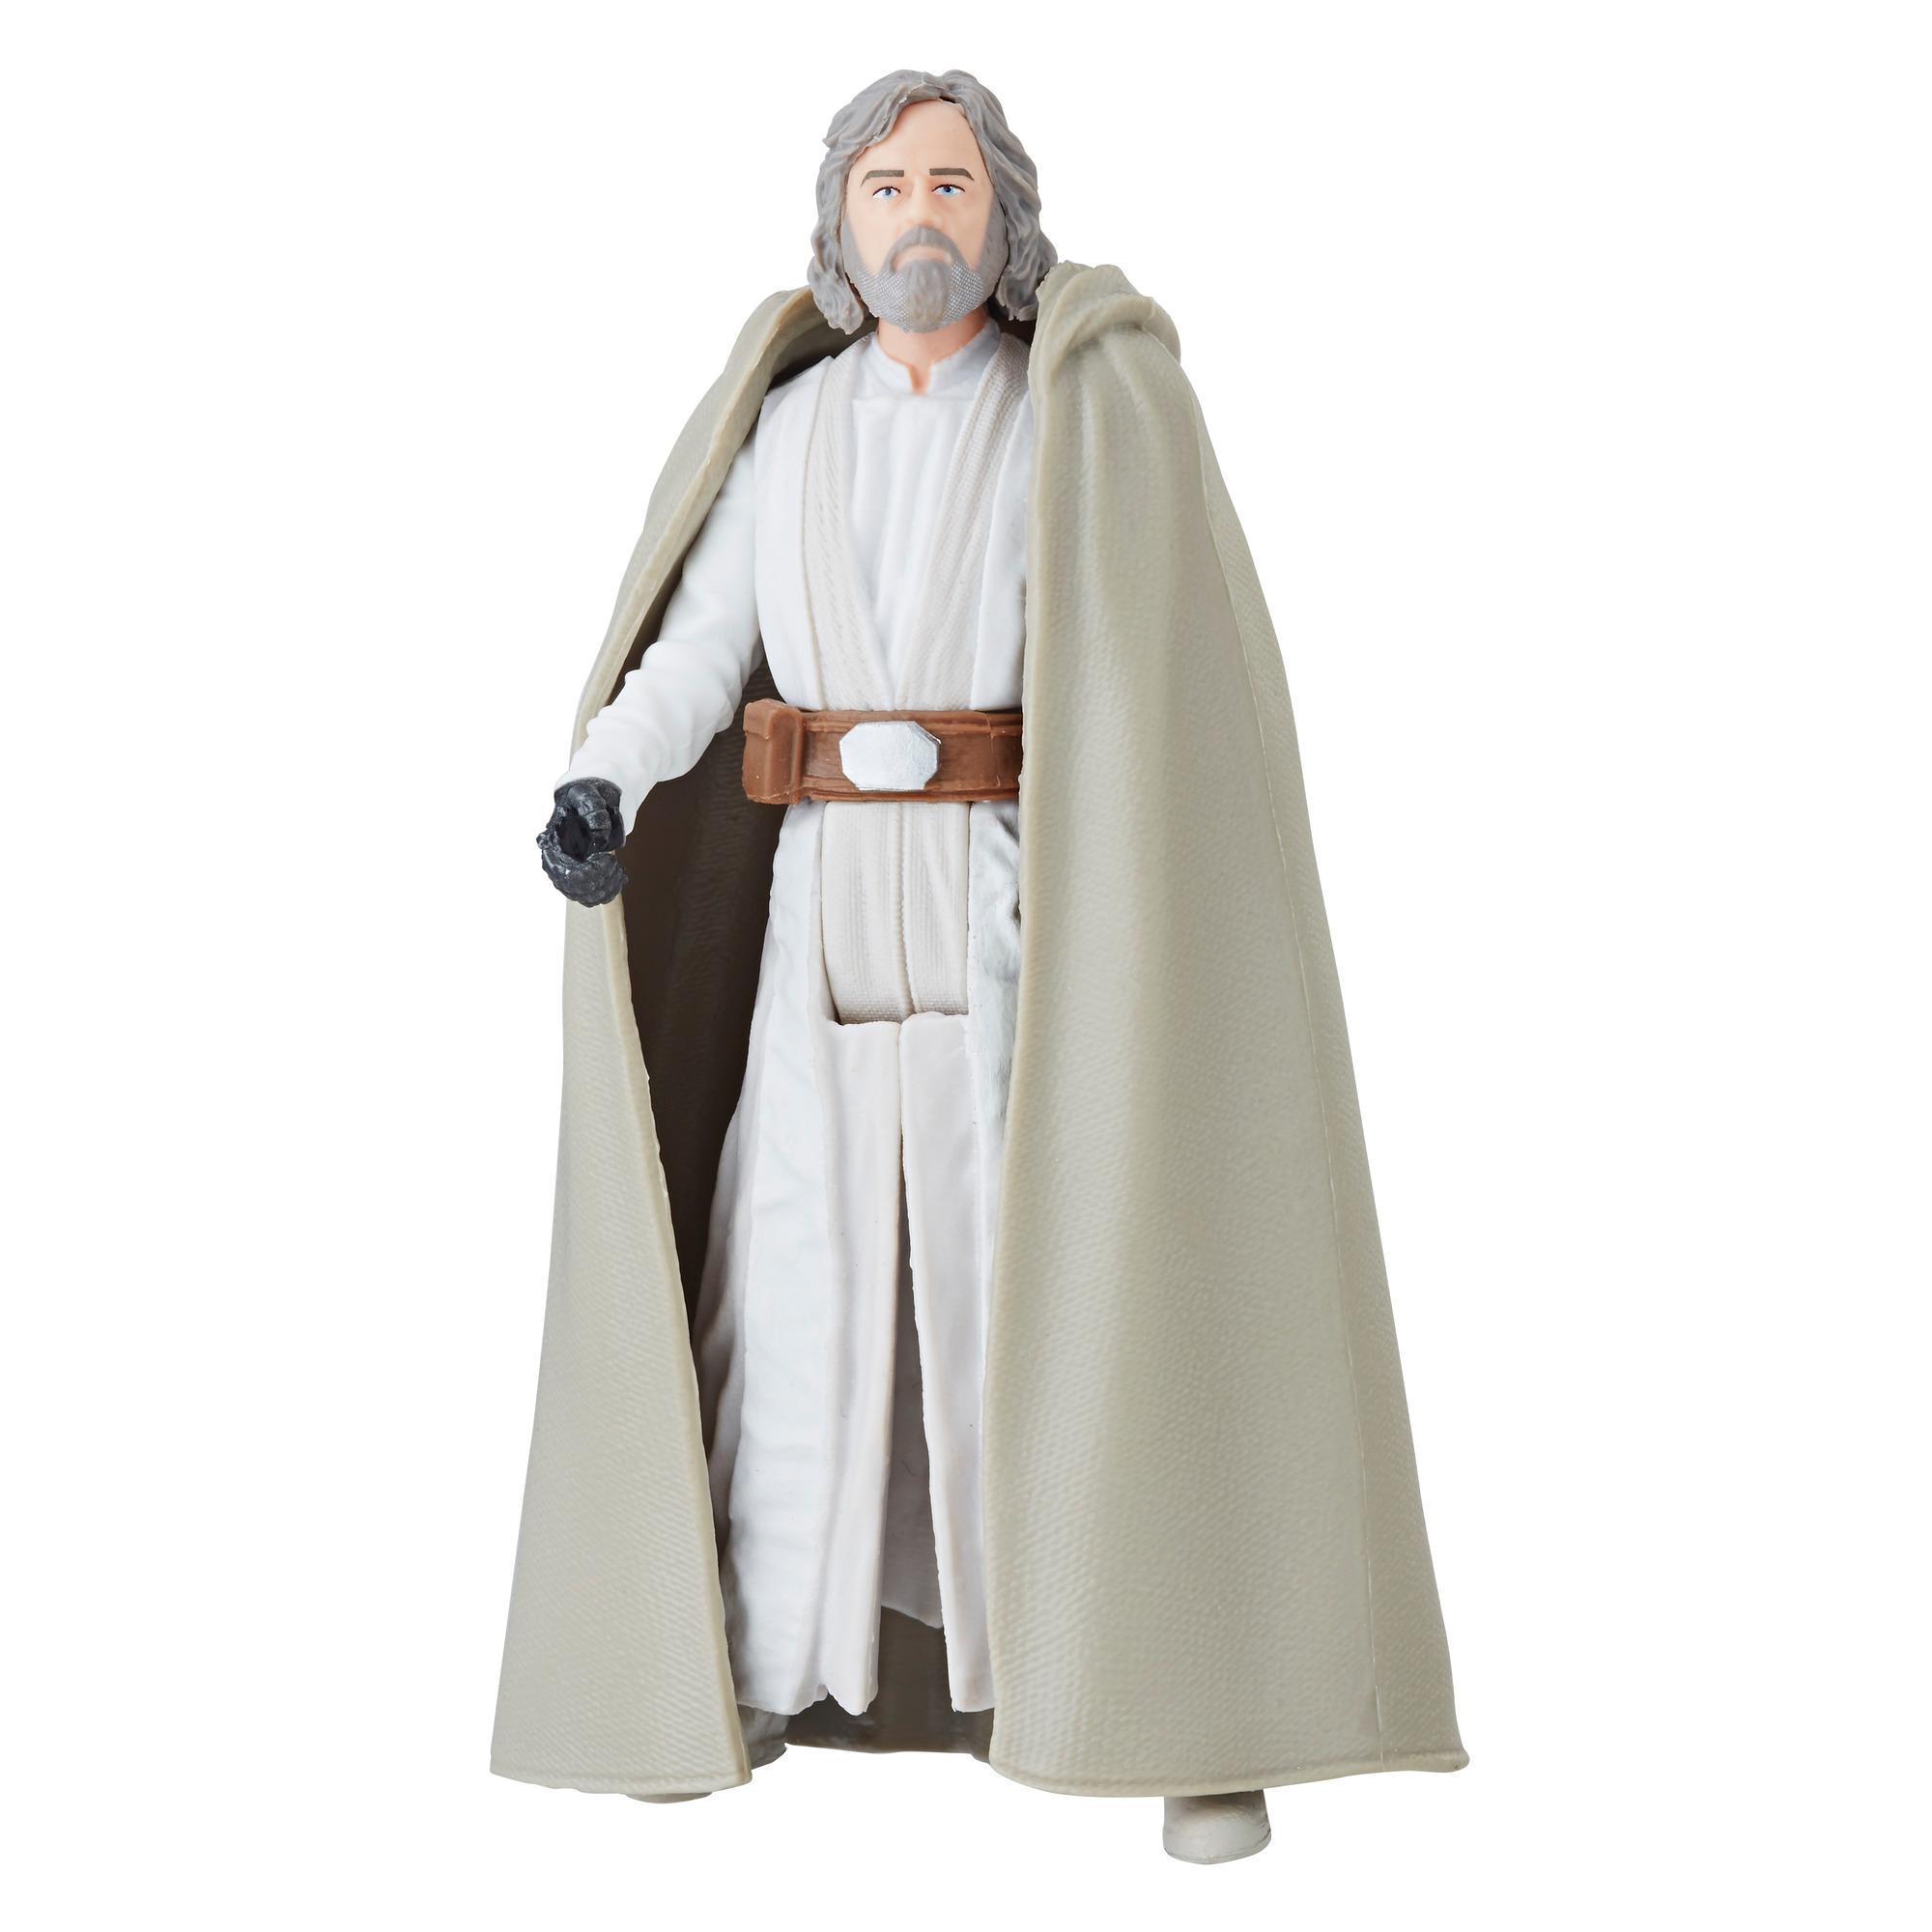 Star Wars Force Link 2.0 Luke Skywalker (Jedi Master) Figure